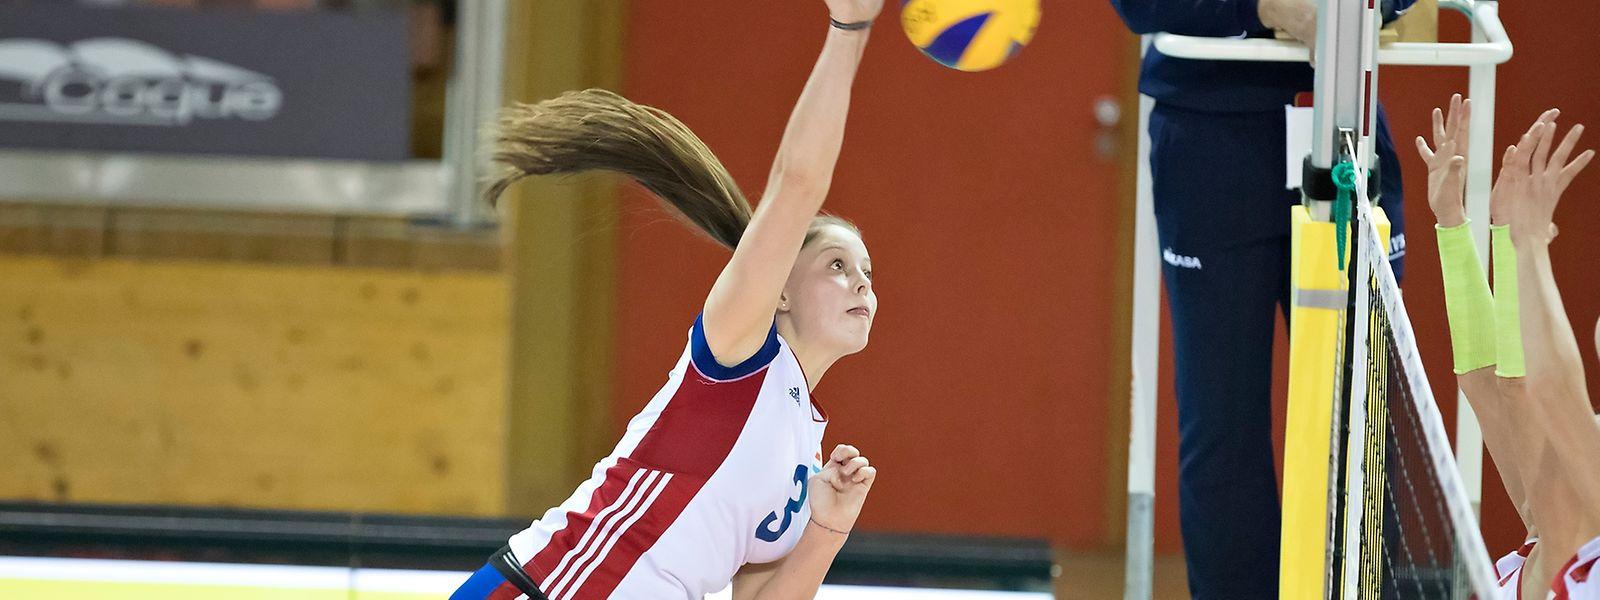 Betty Hoffmann ist zurzeit die beste Volleyballerin Luxemburgs.